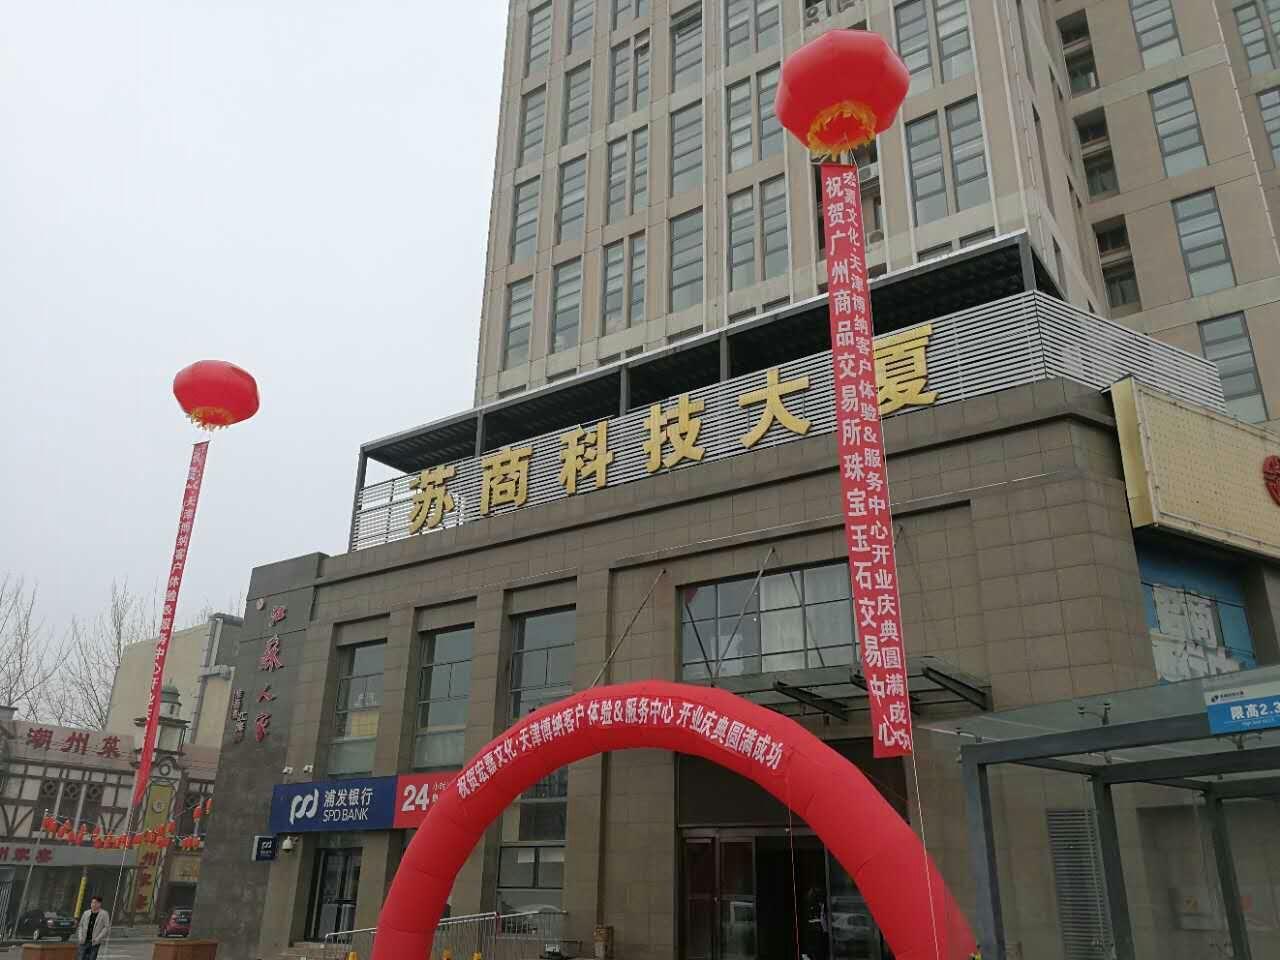 专业出租租赁开业拱门充气拱门空飘气球皇家礼炮